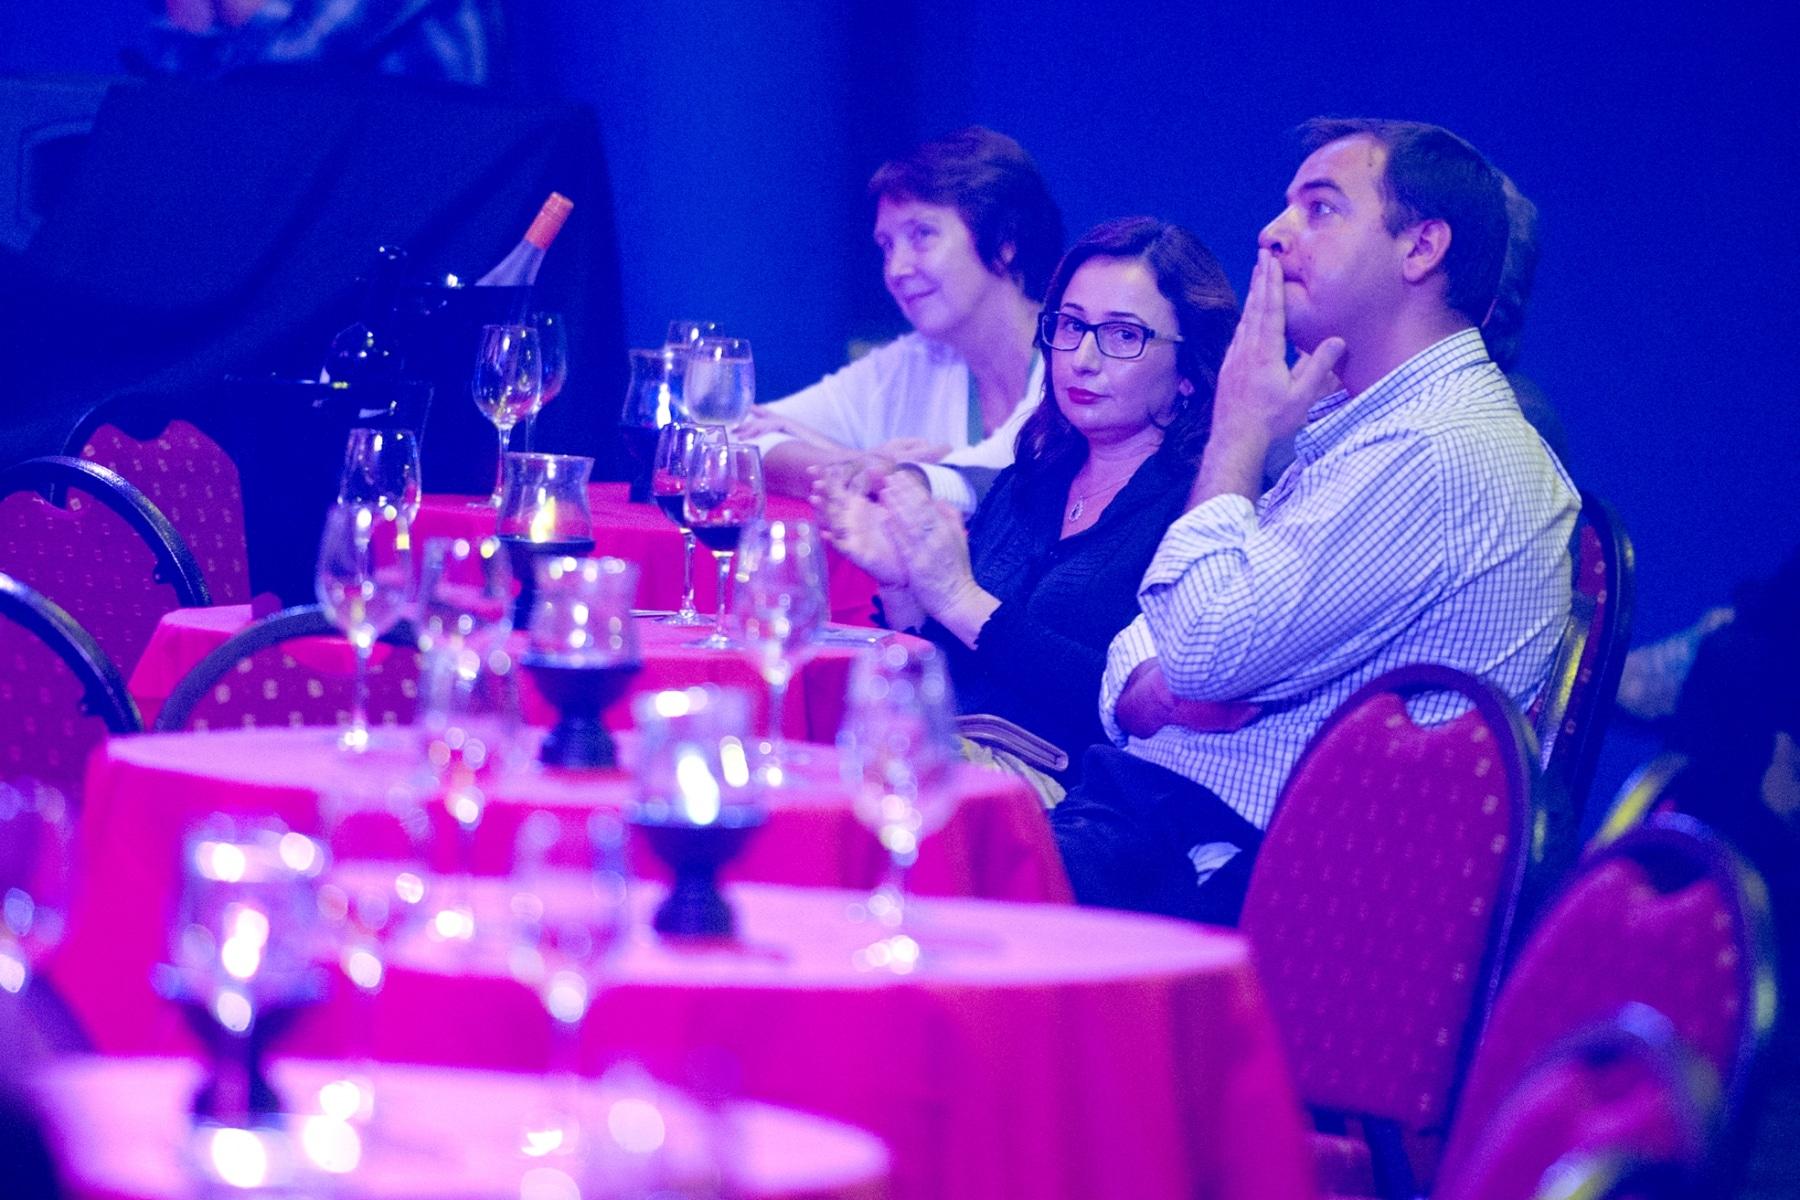 festival-internacional-de-jazz-gibraltar-25102014-31_15607267916_o